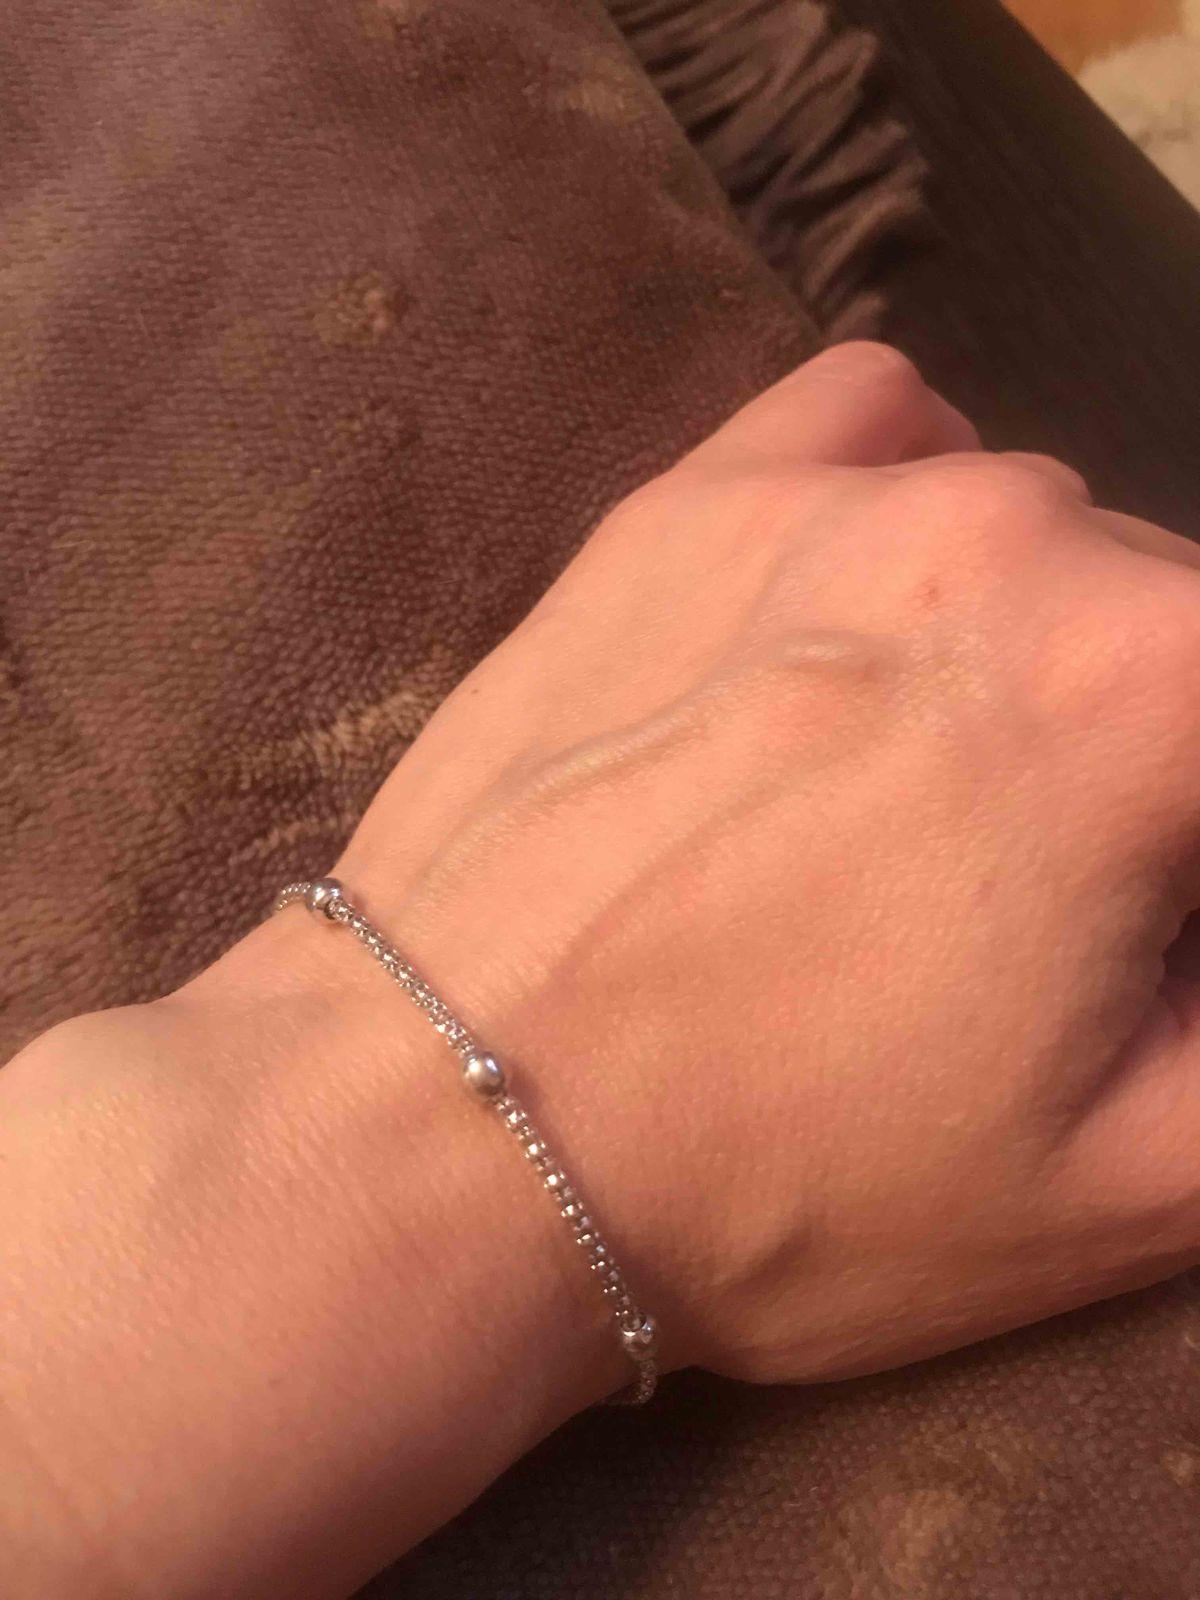 Чудесный серебряный браслет нашла сегодня я в санлайт мега теплый стан,ура